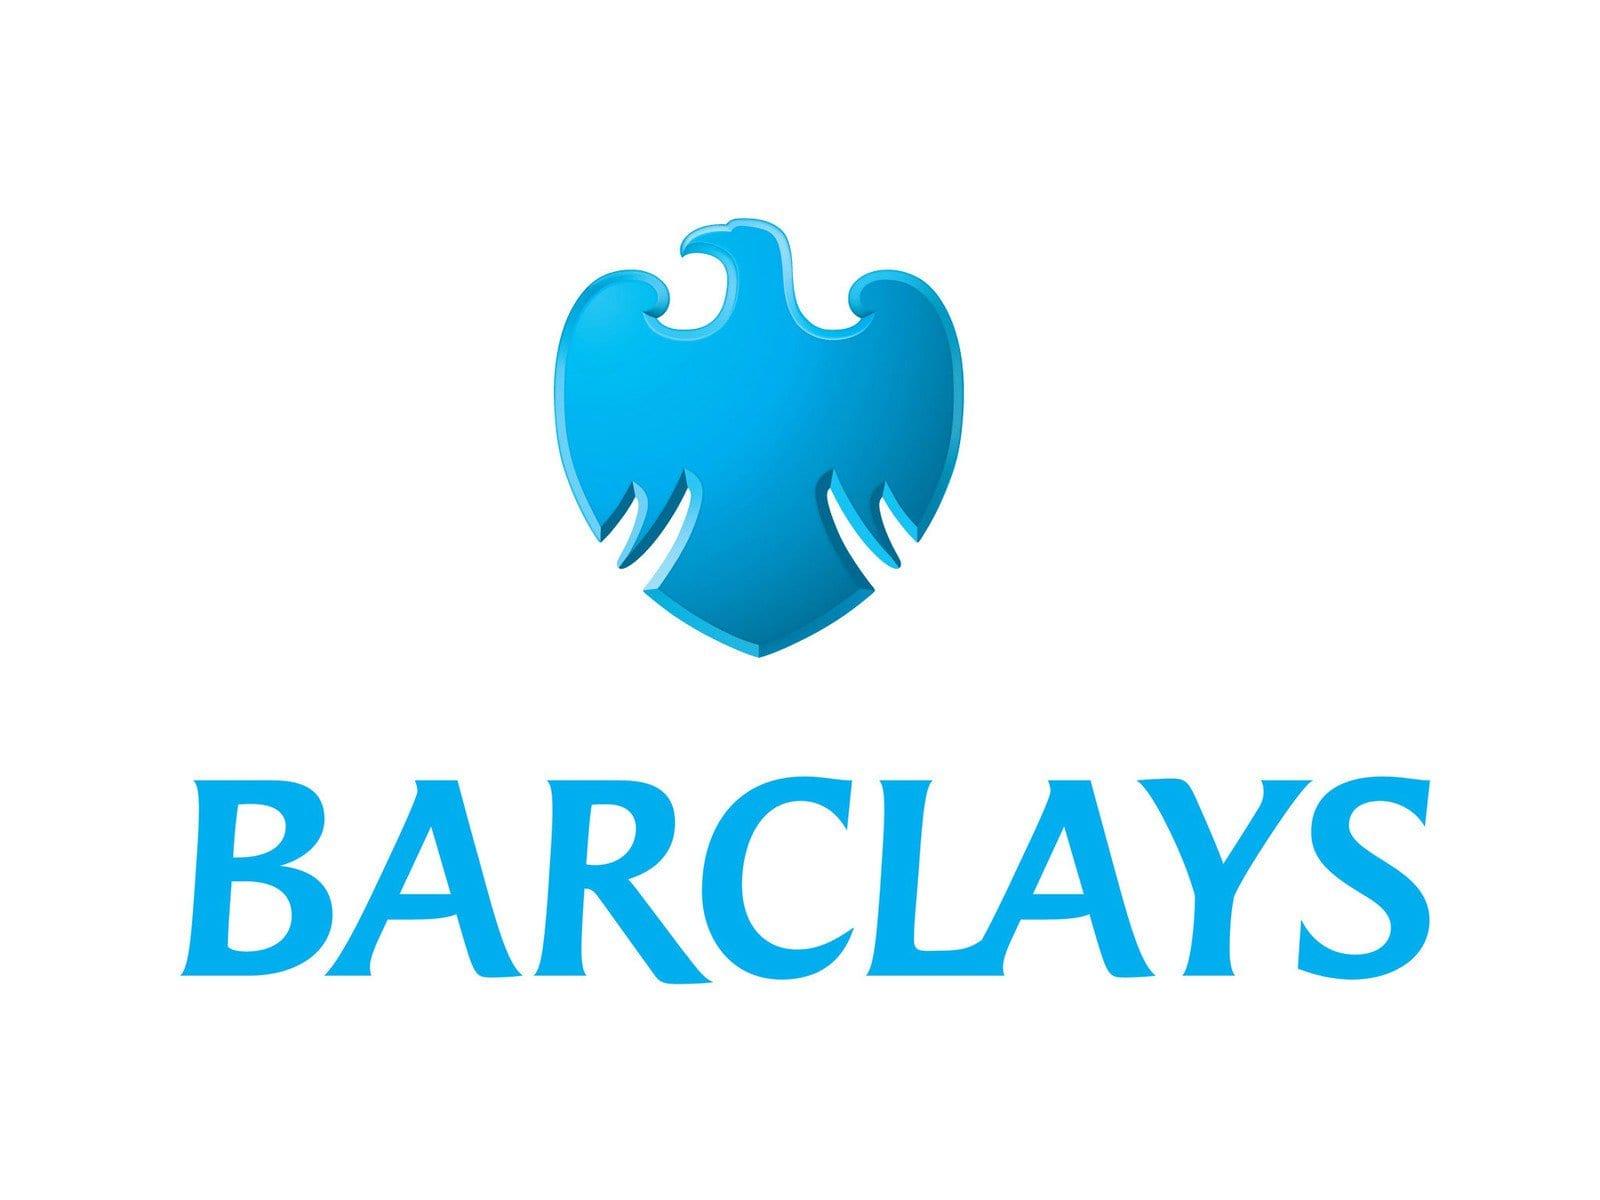 Barclays Menambahkan Periode Pendinginan Ke Fitur Blok Judi